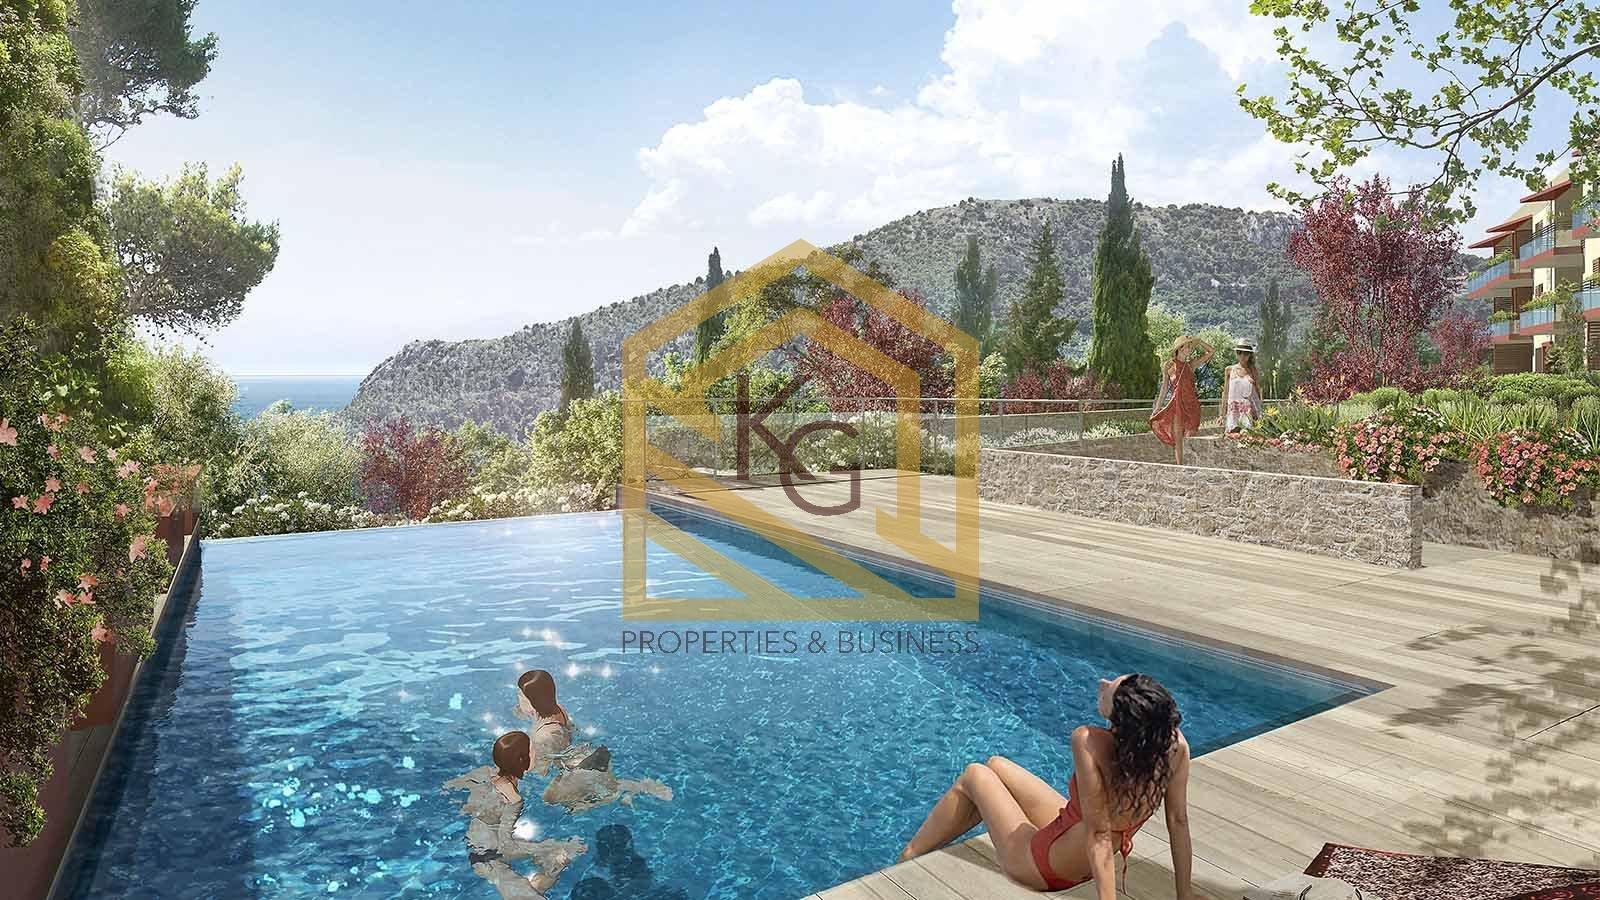 Èze,  a vendre 3 pièces vue mer dans résidence neuve avec piscine chauffée.